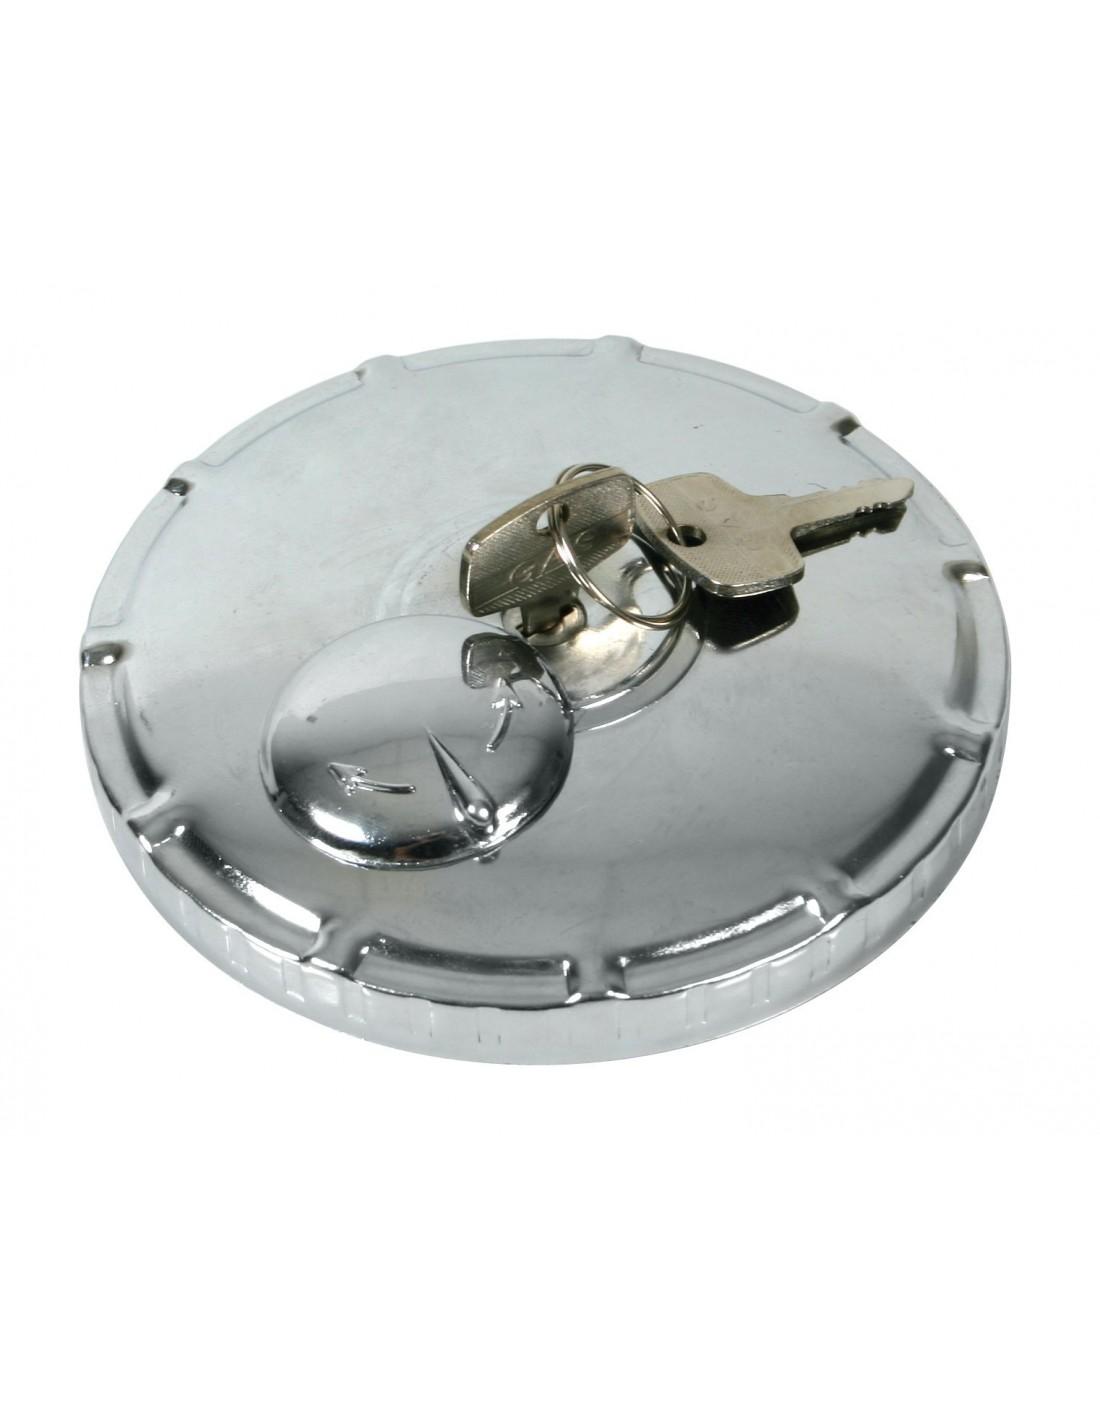 Tappo del serbatoio del carburante tappo del serbatoio del carburante Coperchio di bloccaggio della benzina in ABS nero adatto per Maggiolino//Polo//Caddy con 2 chiavi